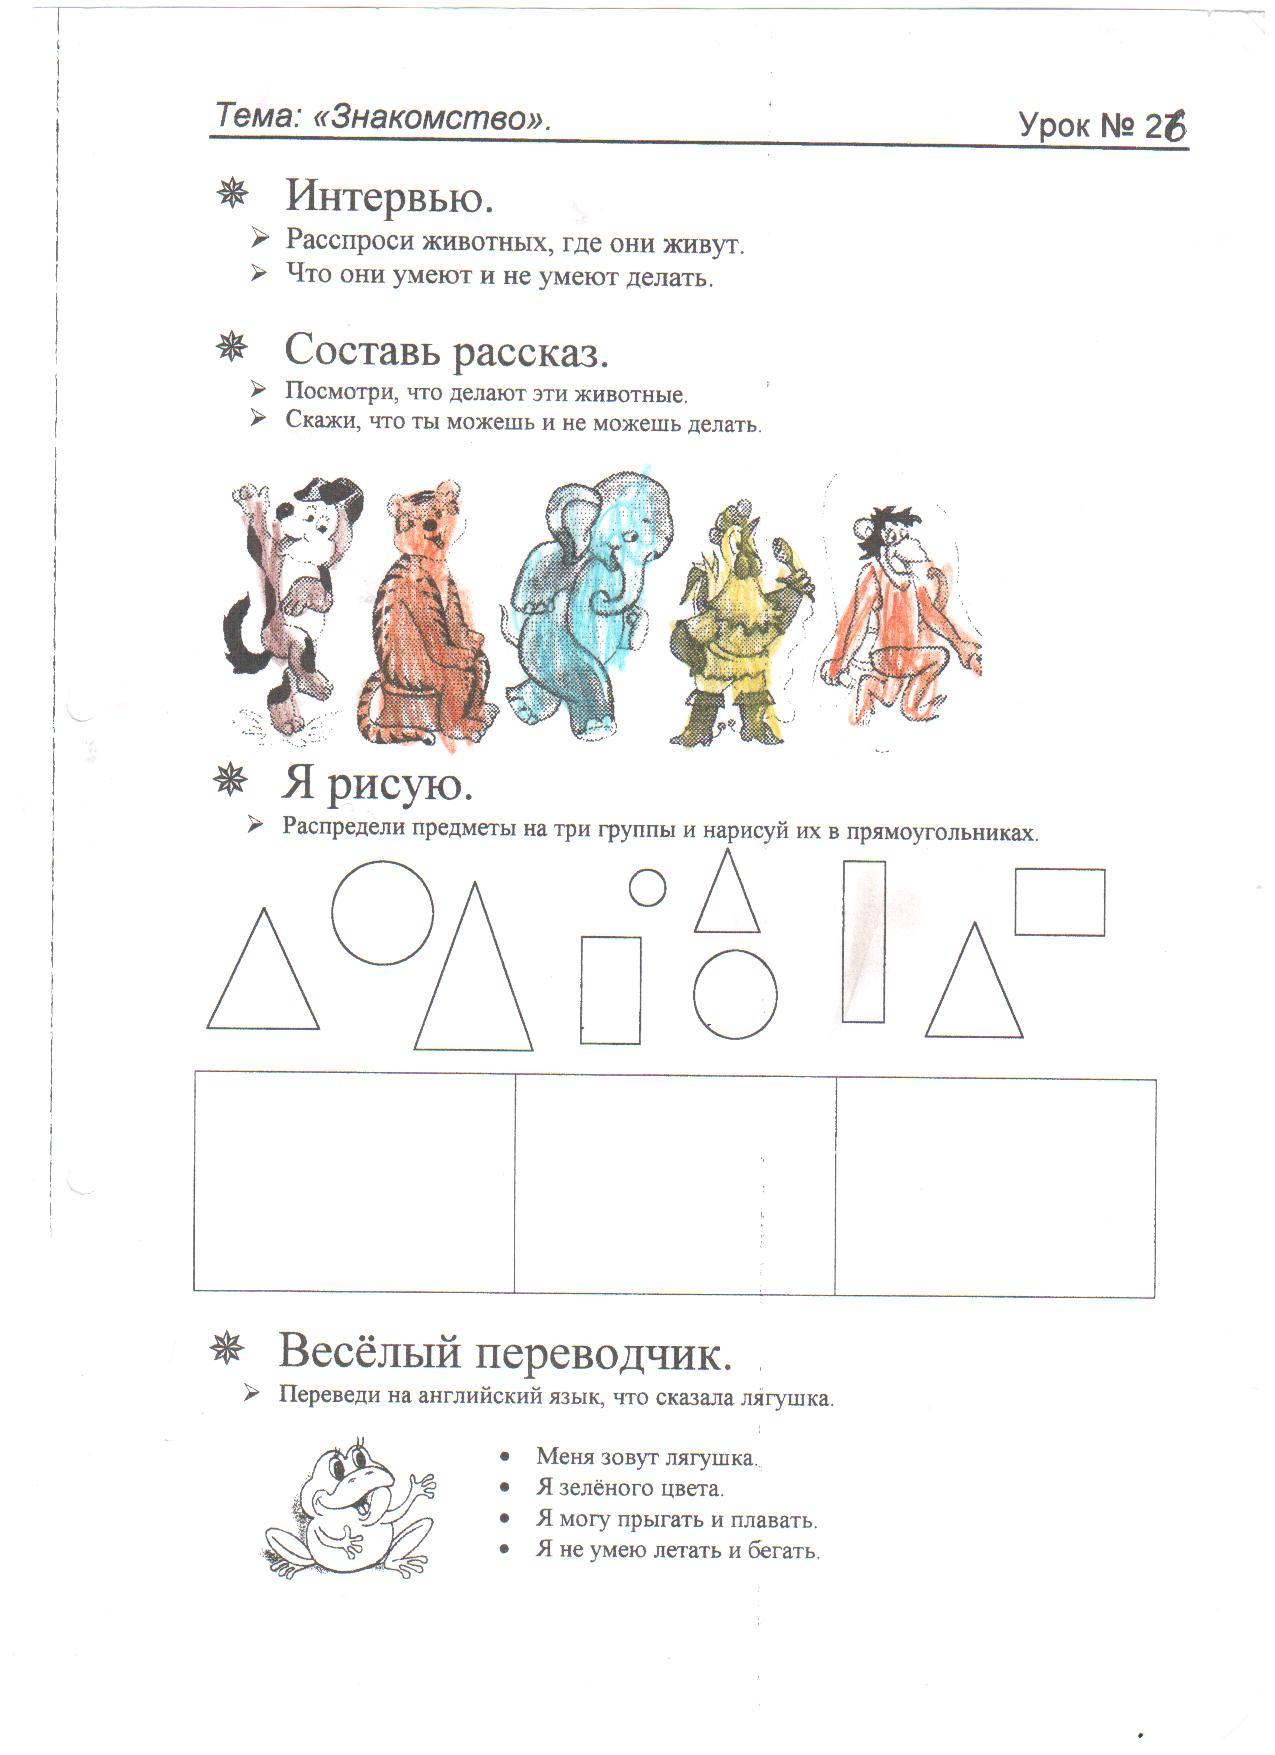 C:\Documents and Settings\Admin\Мои документы\Мои рисунки\Изображение\Изображение 096.jpg